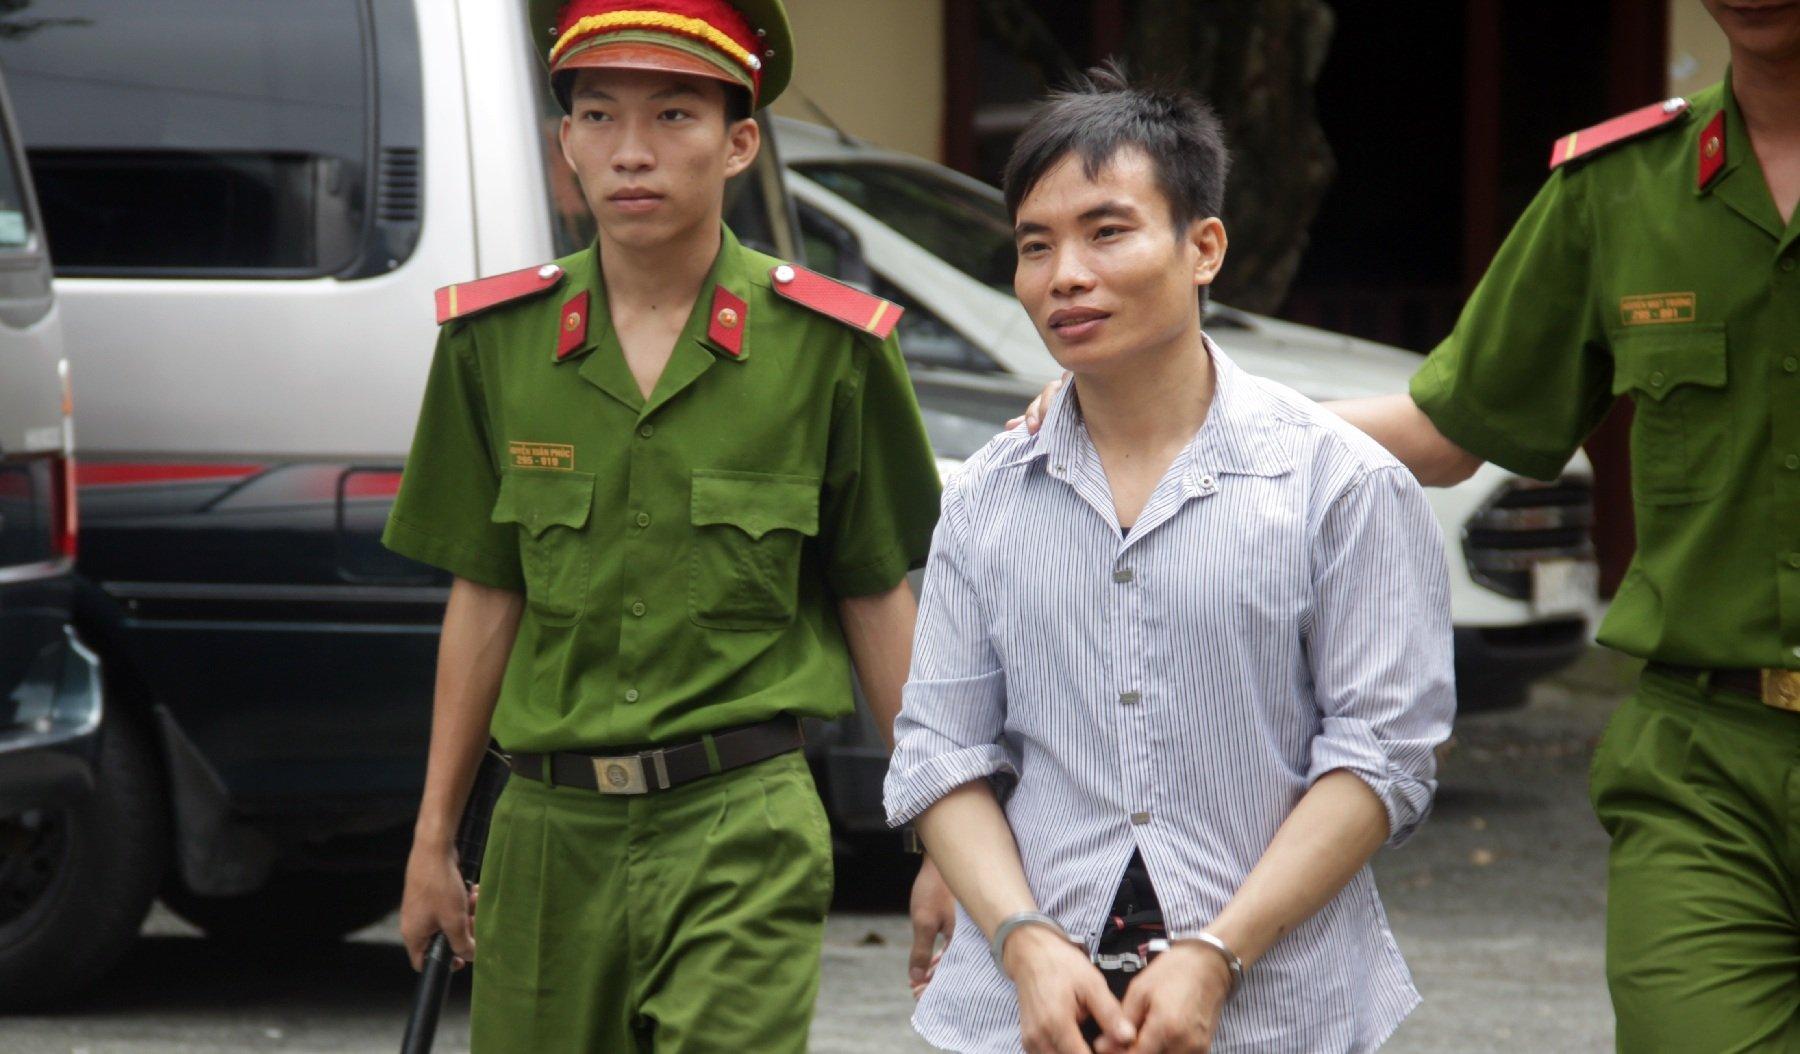 Vận chuyển 2,4kg ma túy, nam thanh niên quốc tịch Lào vẫn thoát án tử 1